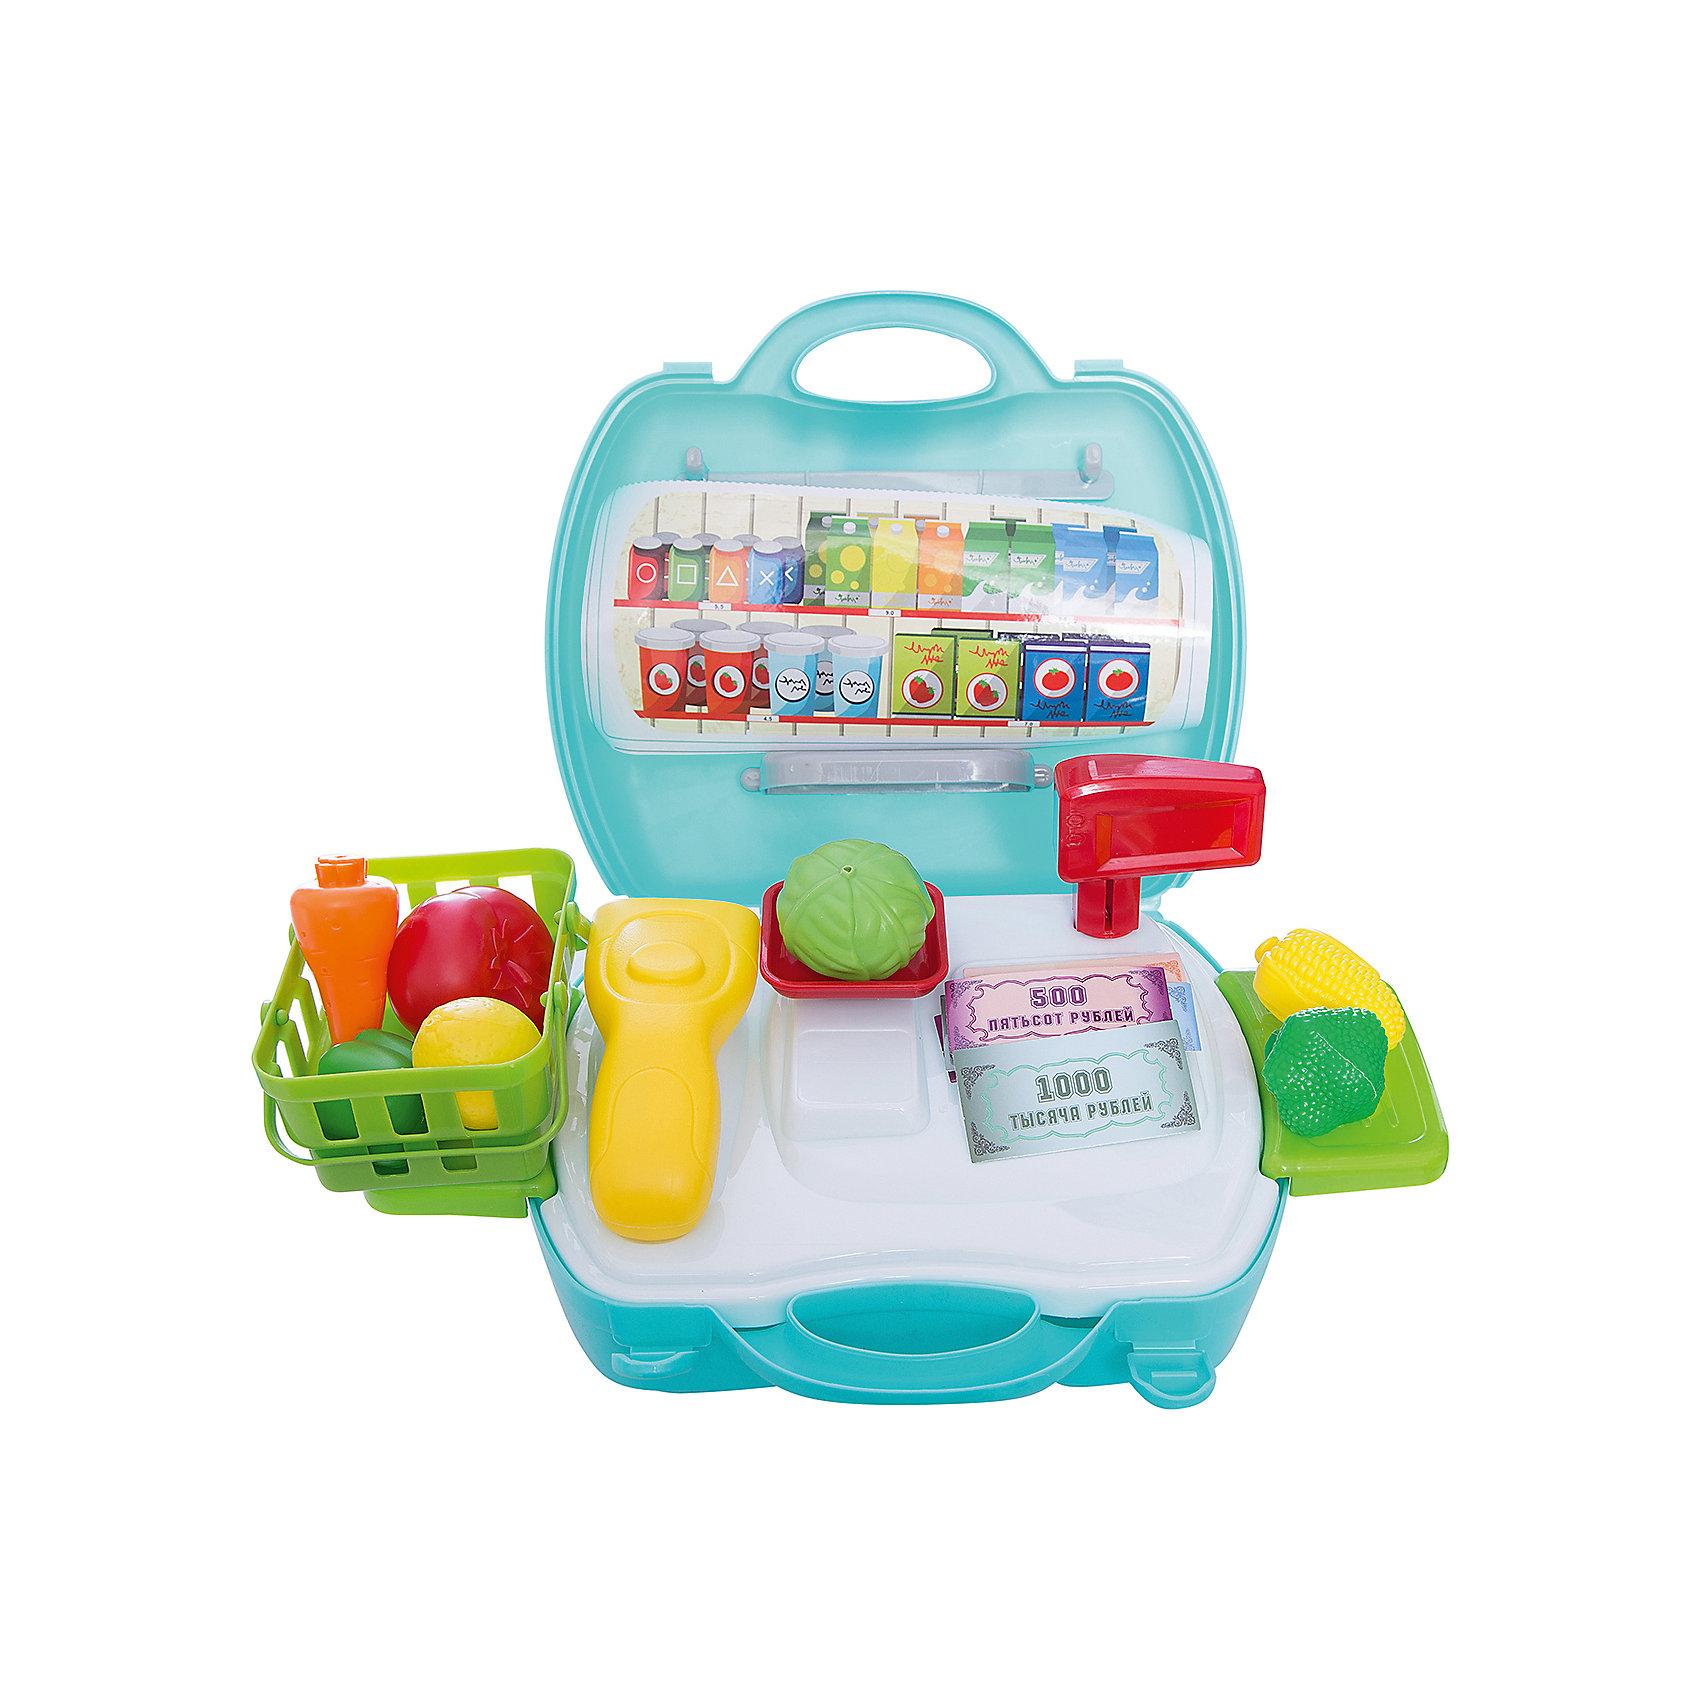 Набор в чемоданчике Профи Продавец Супермаркета, 23 предмета, 1toyДетские магазины и аксесссуары<br>Продавец супермаркета - набор, который прекрасно подходит для сюжетно-ролевых игр. В наборе есть все необходимые настоящему кассиру предметы: касса, сканер, весы, овощи, корзинка и много другое. Для удобства ребенка есть 2 выдвижных столика и красивые наклейки, которыми можно украсить свое рабочее место. Игра хорошо развивает мелкую моторику и воображение. Прекрасно подойдет для игр с друзьями и родителями!<br><br>Дополнительная информация:<br>В наборе: корзинка, овощи, 2 выдвижных столика, касса, сканер, весы, коробочки, наклейки<br>Материал: пластик<br>Размер: 24,5х10х22,5 см<br>Вес: 578 грамм<br>Вы можете купить набор Продавец супермаркета в нашем интернет-магазине.<br><br>Ширина мм: 225<br>Глубина мм: 100<br>Высота мм: 245<br>Вес г: 578<br>Возраст от месяцев: 24<br>Возраст до месяцев: 120<br>Пол: Унисекс<br>Возраст: Детский<br>SKU: 4953629